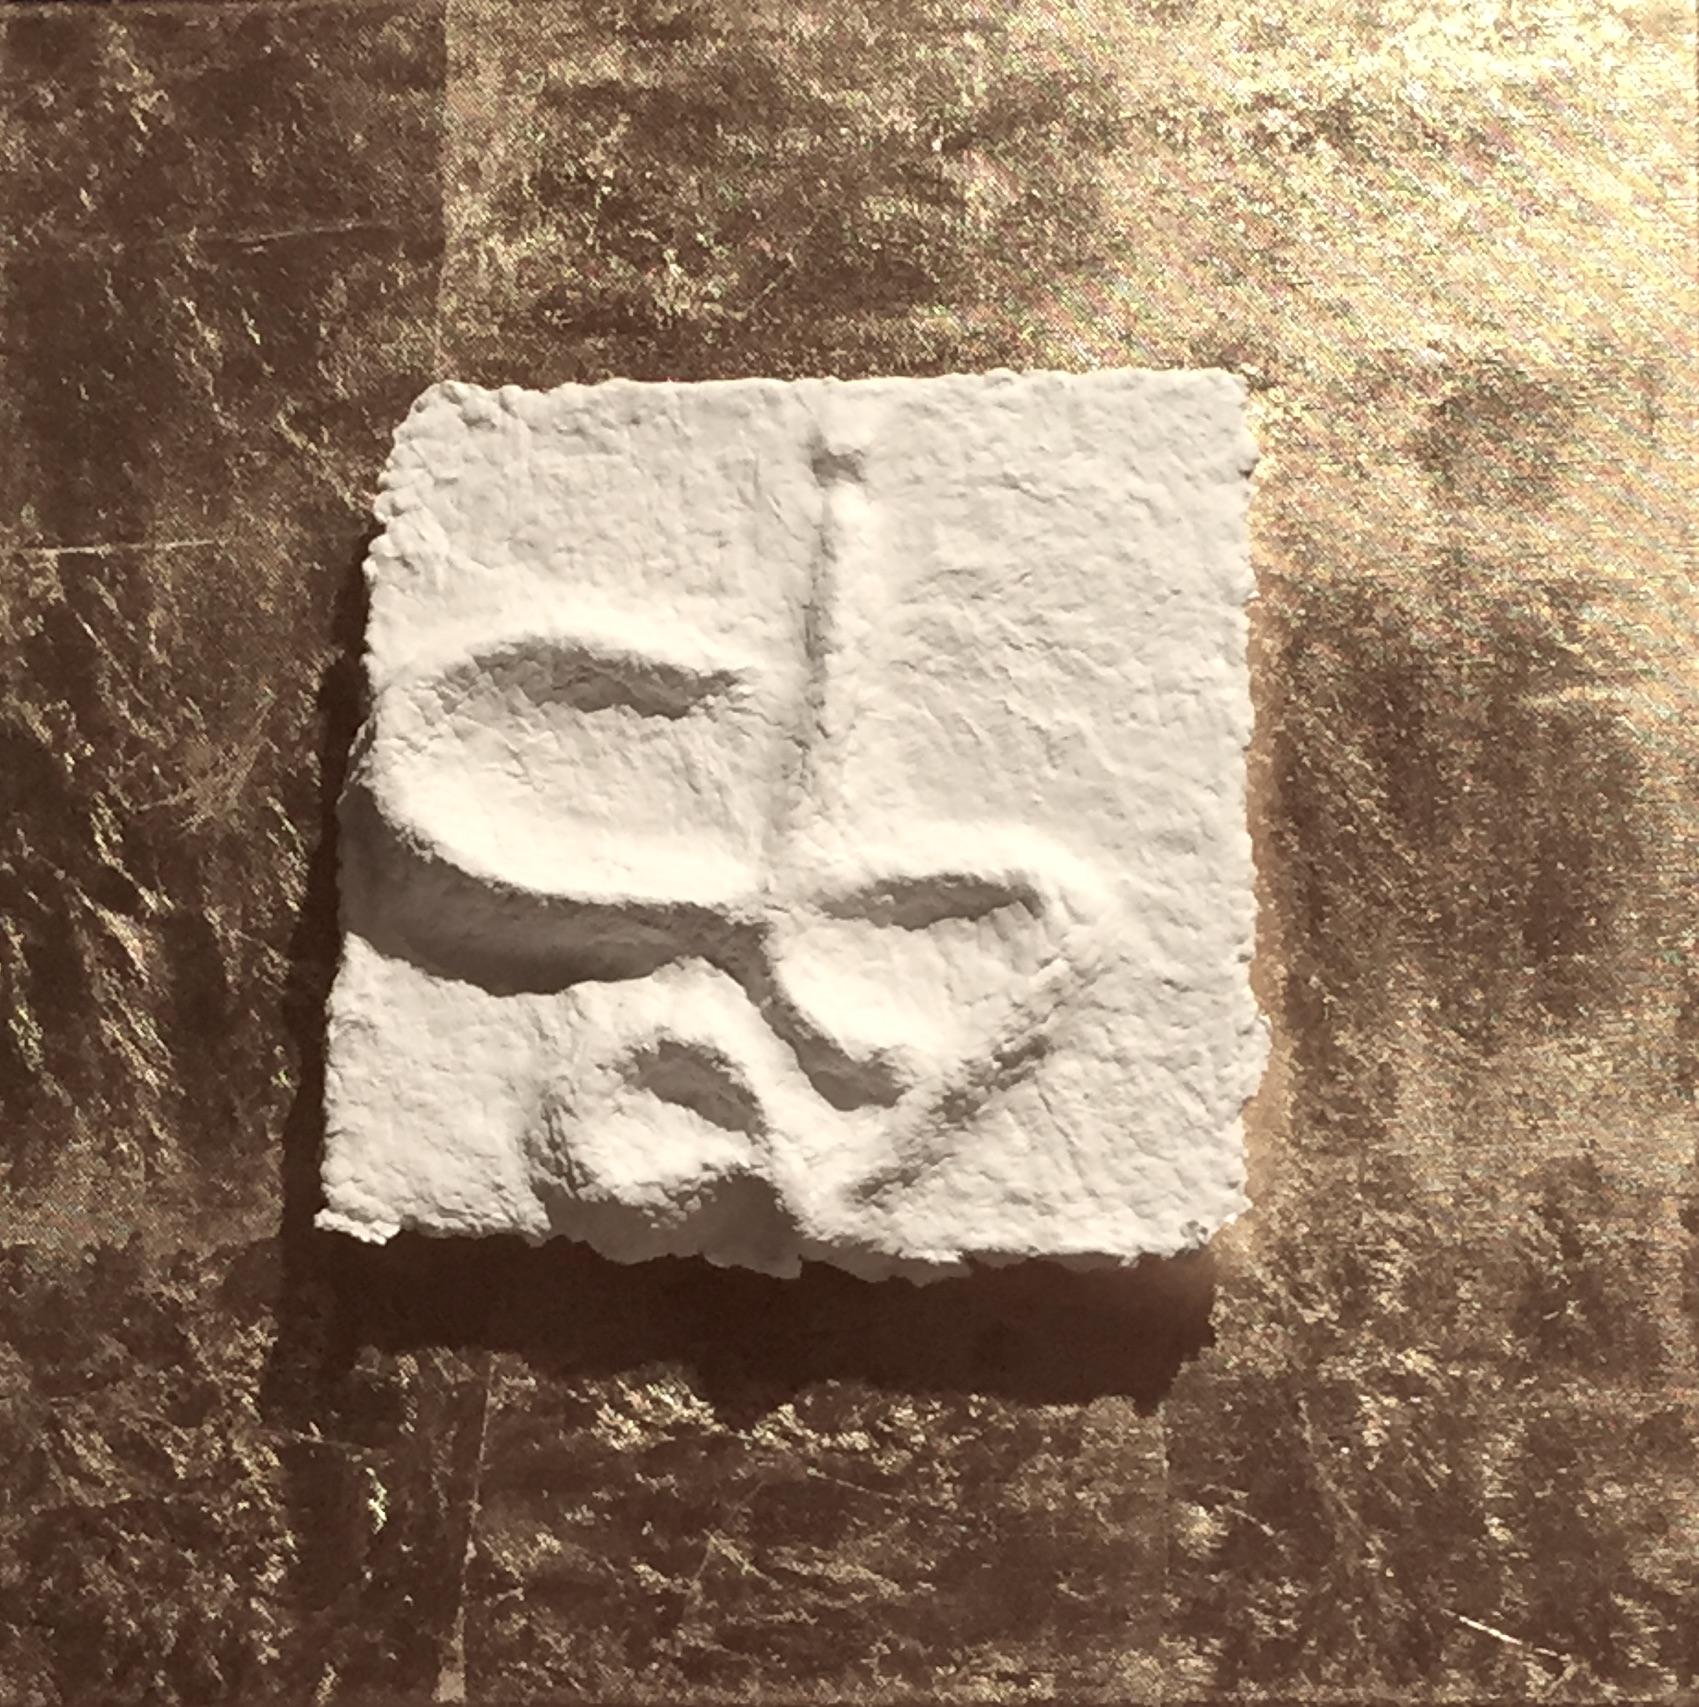 Sternzeichen Skorpion - handgeschöpftes, geprägtes und energetisiertes Papier - auf Blattmetall